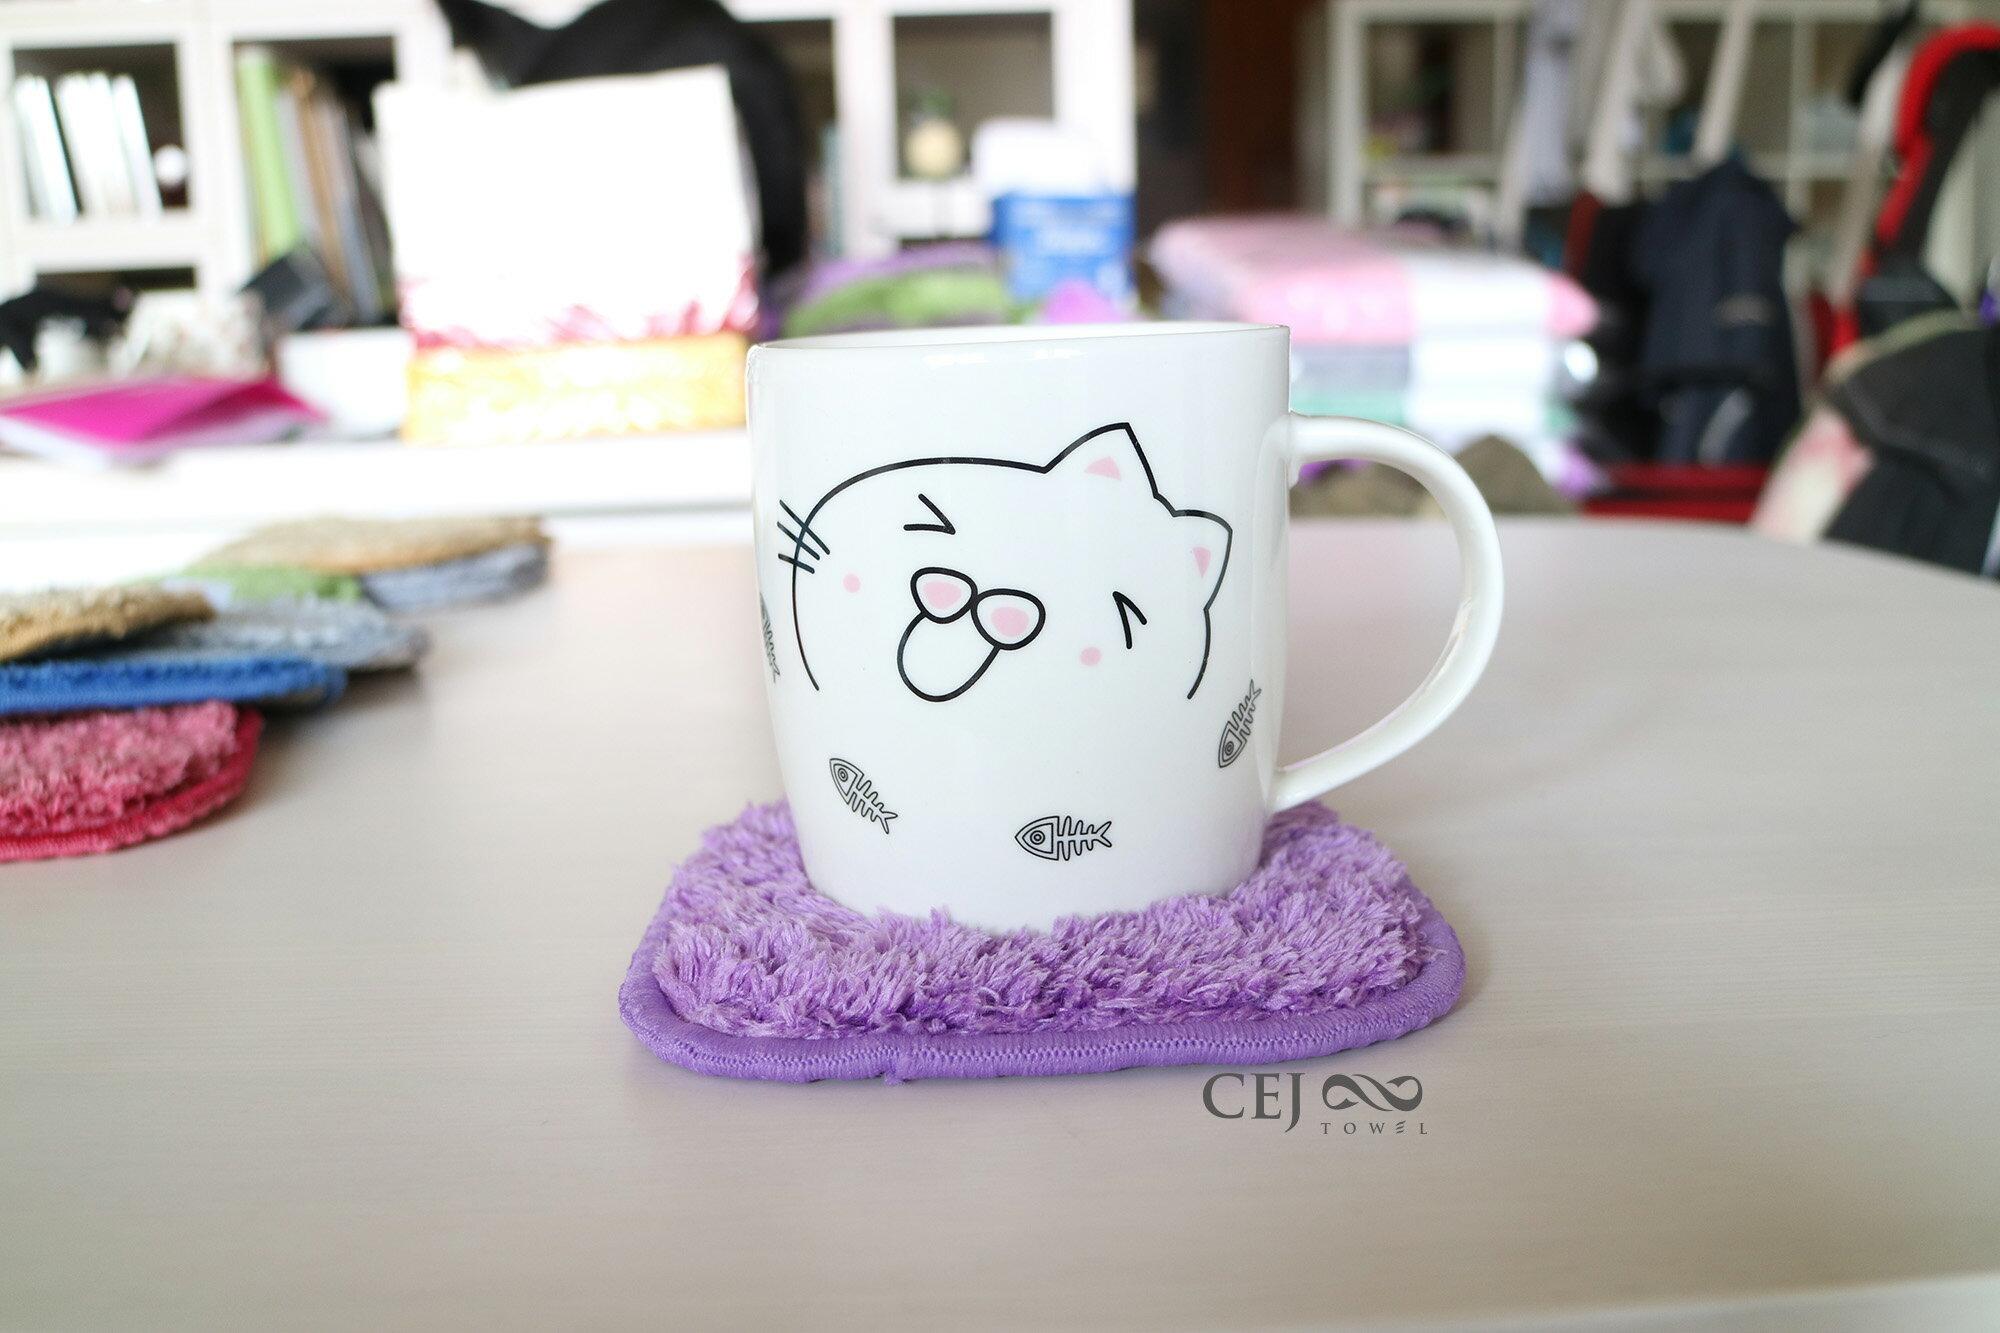 杯墊|吸易潔吸水毛巾系列|心坎禮、小禮品|吸水力超強、止滑